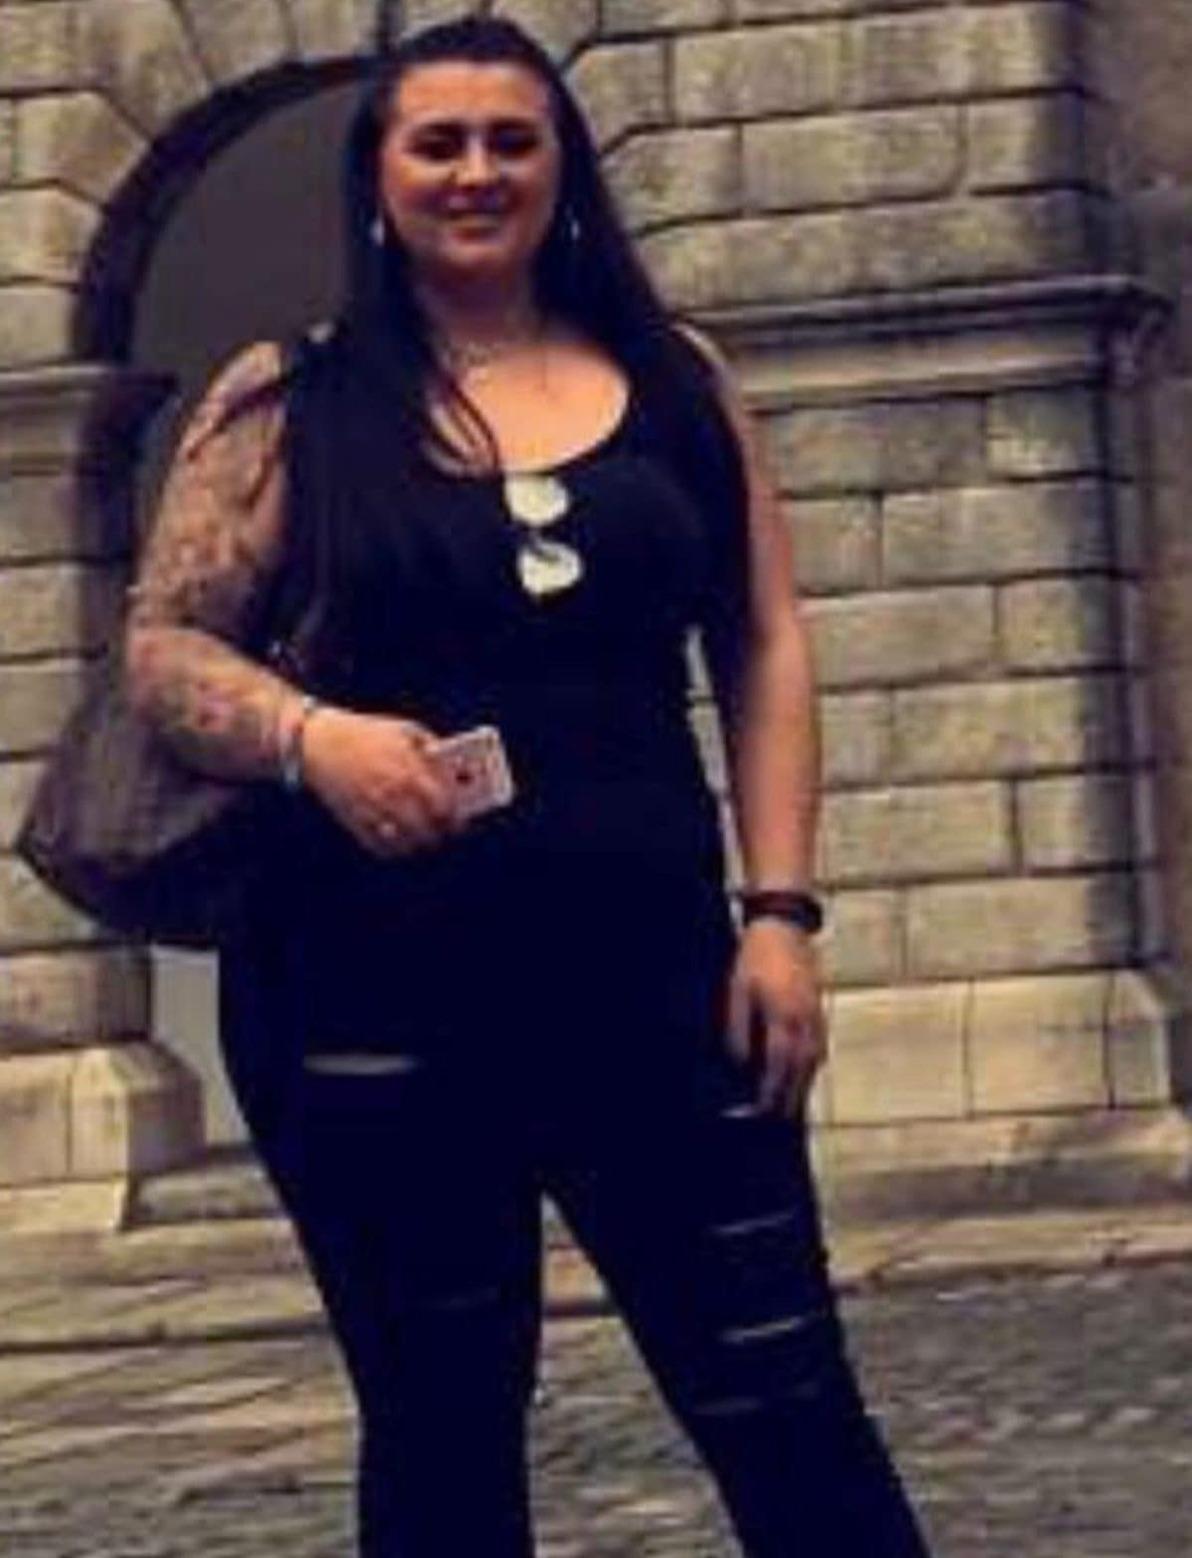 Британка сбросила 32 кг и отшила мужчину, который не хотел с ней встречаться из-за ее полноты